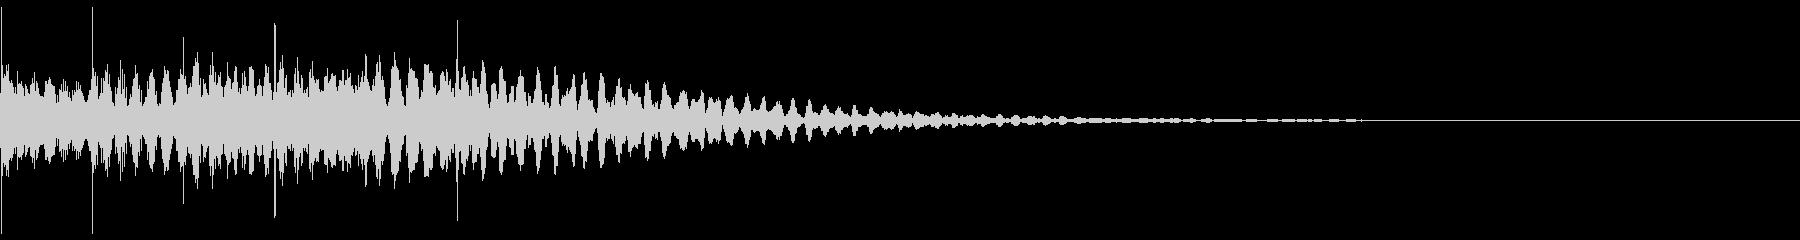 マリンバのジングル。決定、レベルアップ。の未再生の波形